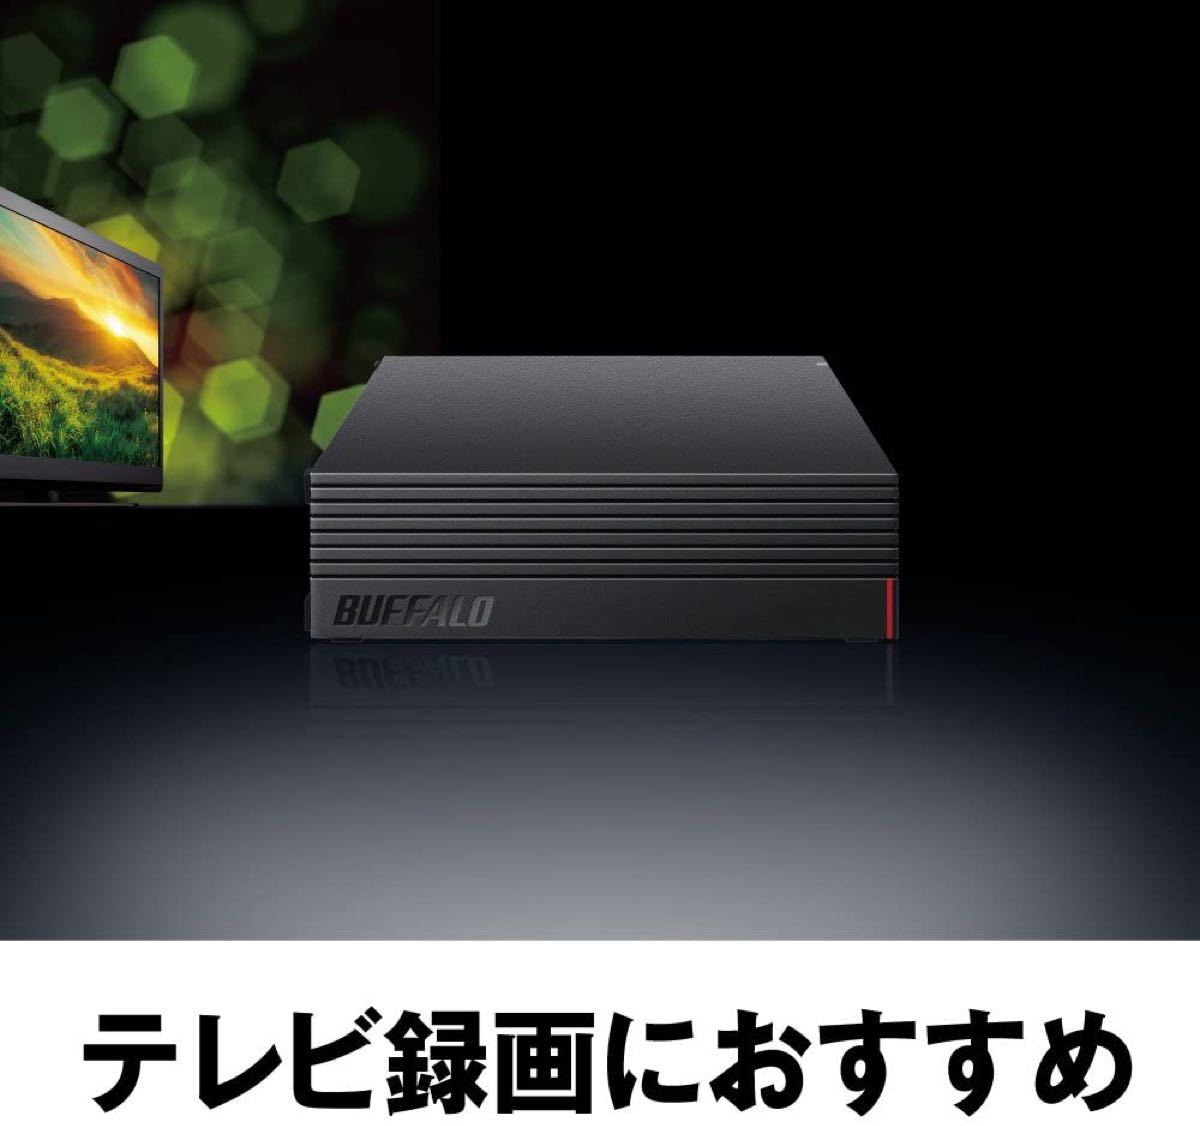 ★美品★ BUFFALO  2TB 外付けHDD ★ TV録画&レコーダー/PC(Win/macOS)/PS5対応 縦&横置き可能